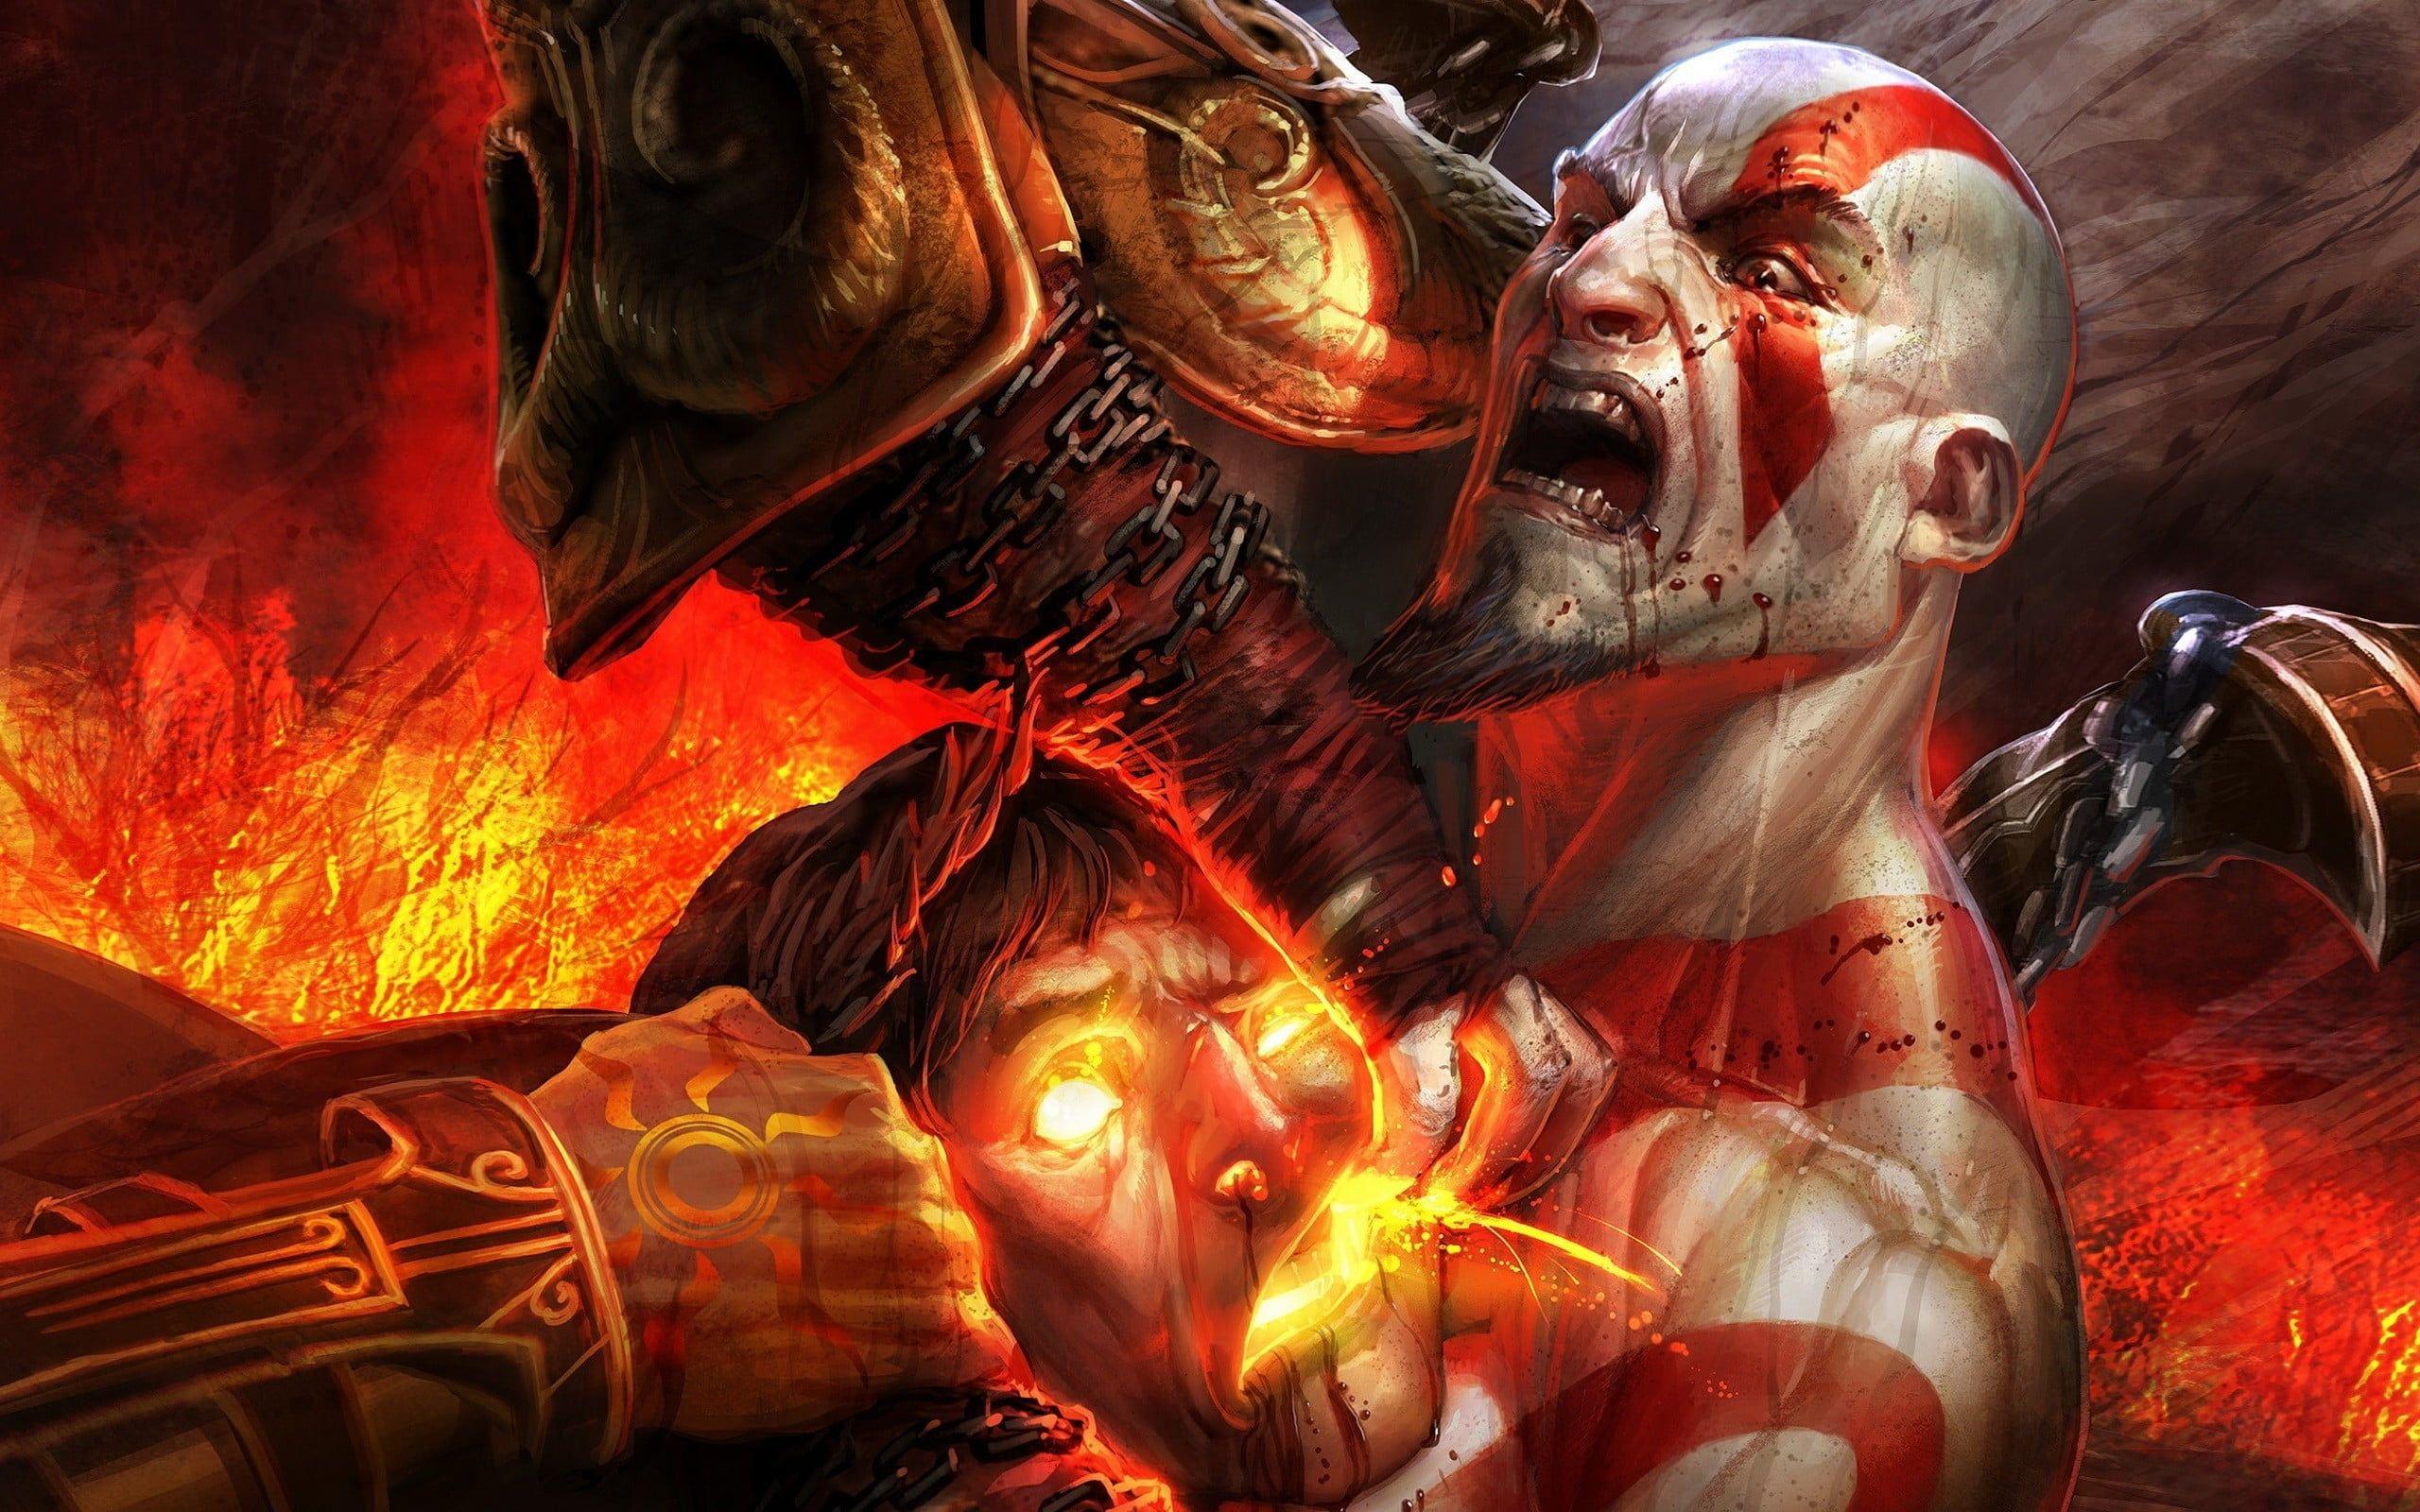 God Of War Kratos Wallpaper God Of War Kratos Video Games God Of War Iii 2k Wallpaper Kratos God Of War God Of War Kratos Wallpapers God Of War Hd Wallpaper